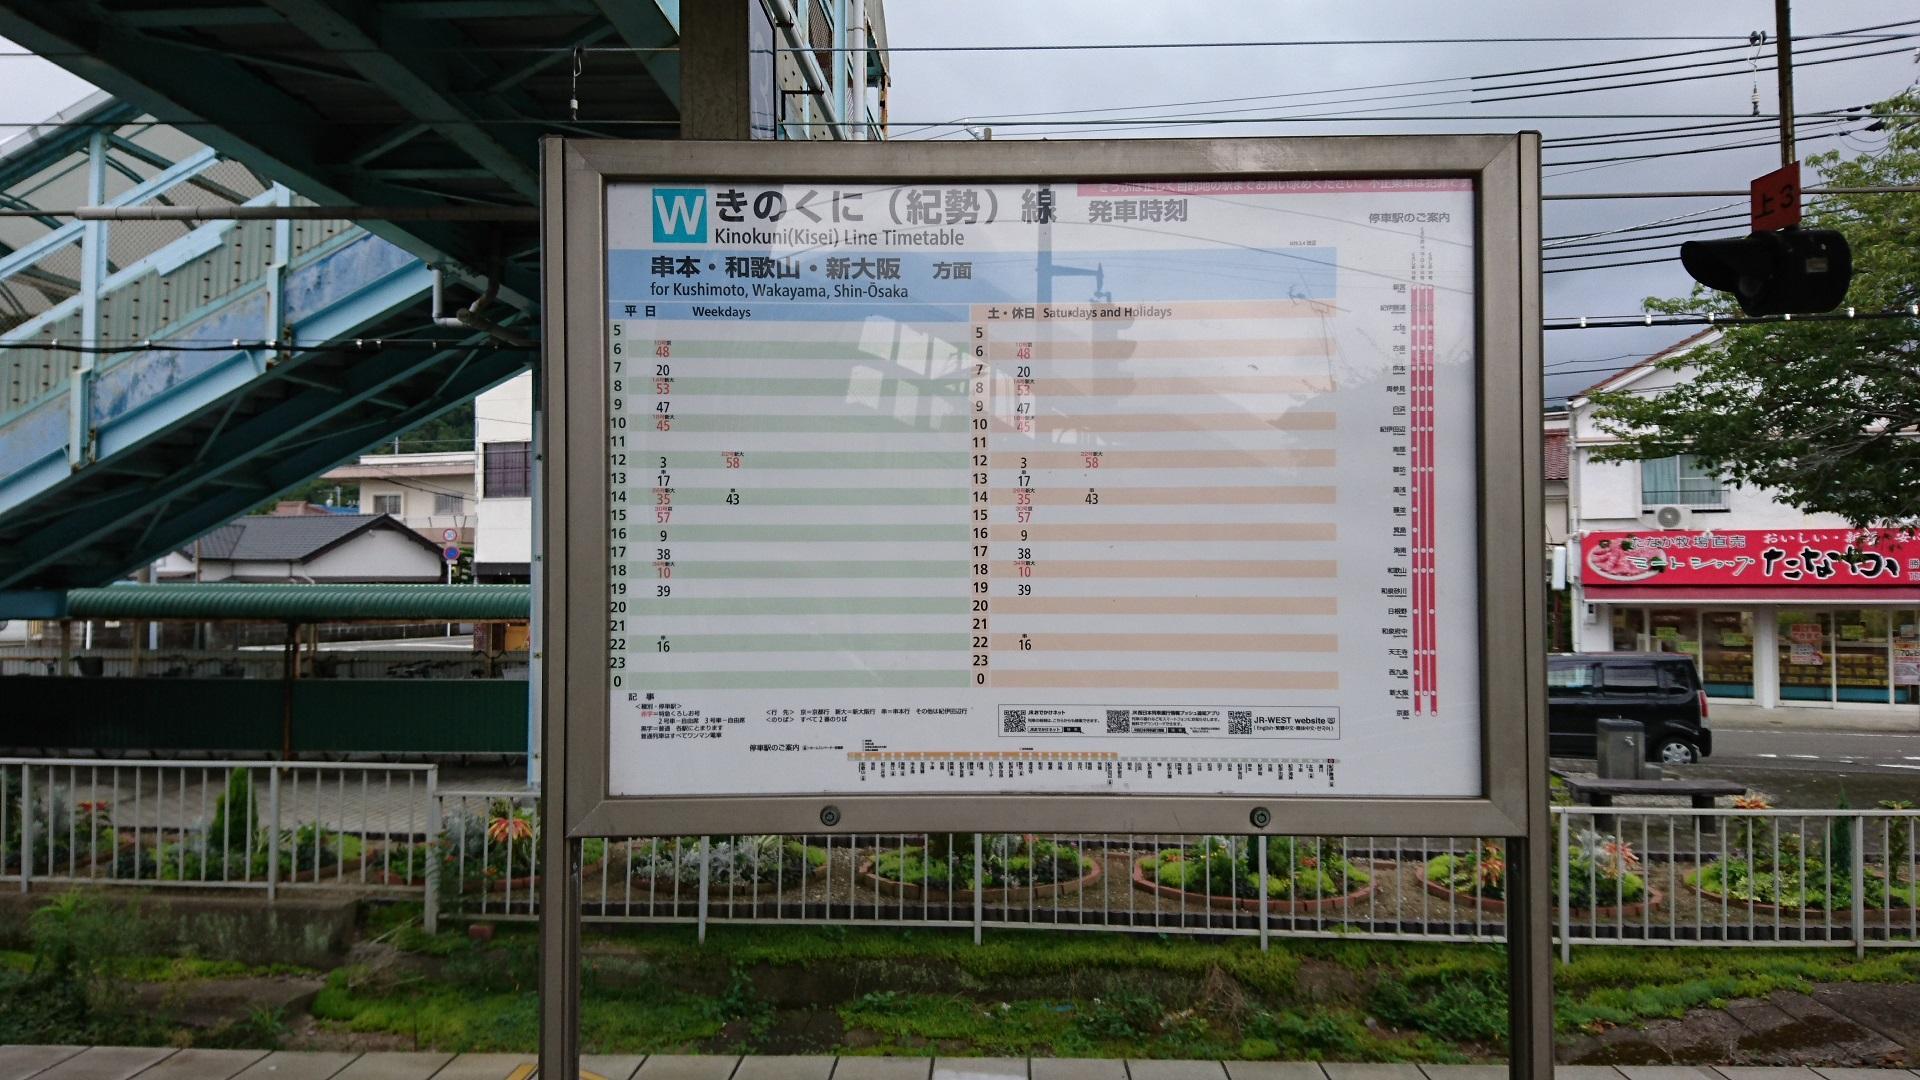 2017.8.16 くろしお (3) 紀伊勝浦=和歌山方面時刻表 1920-1080